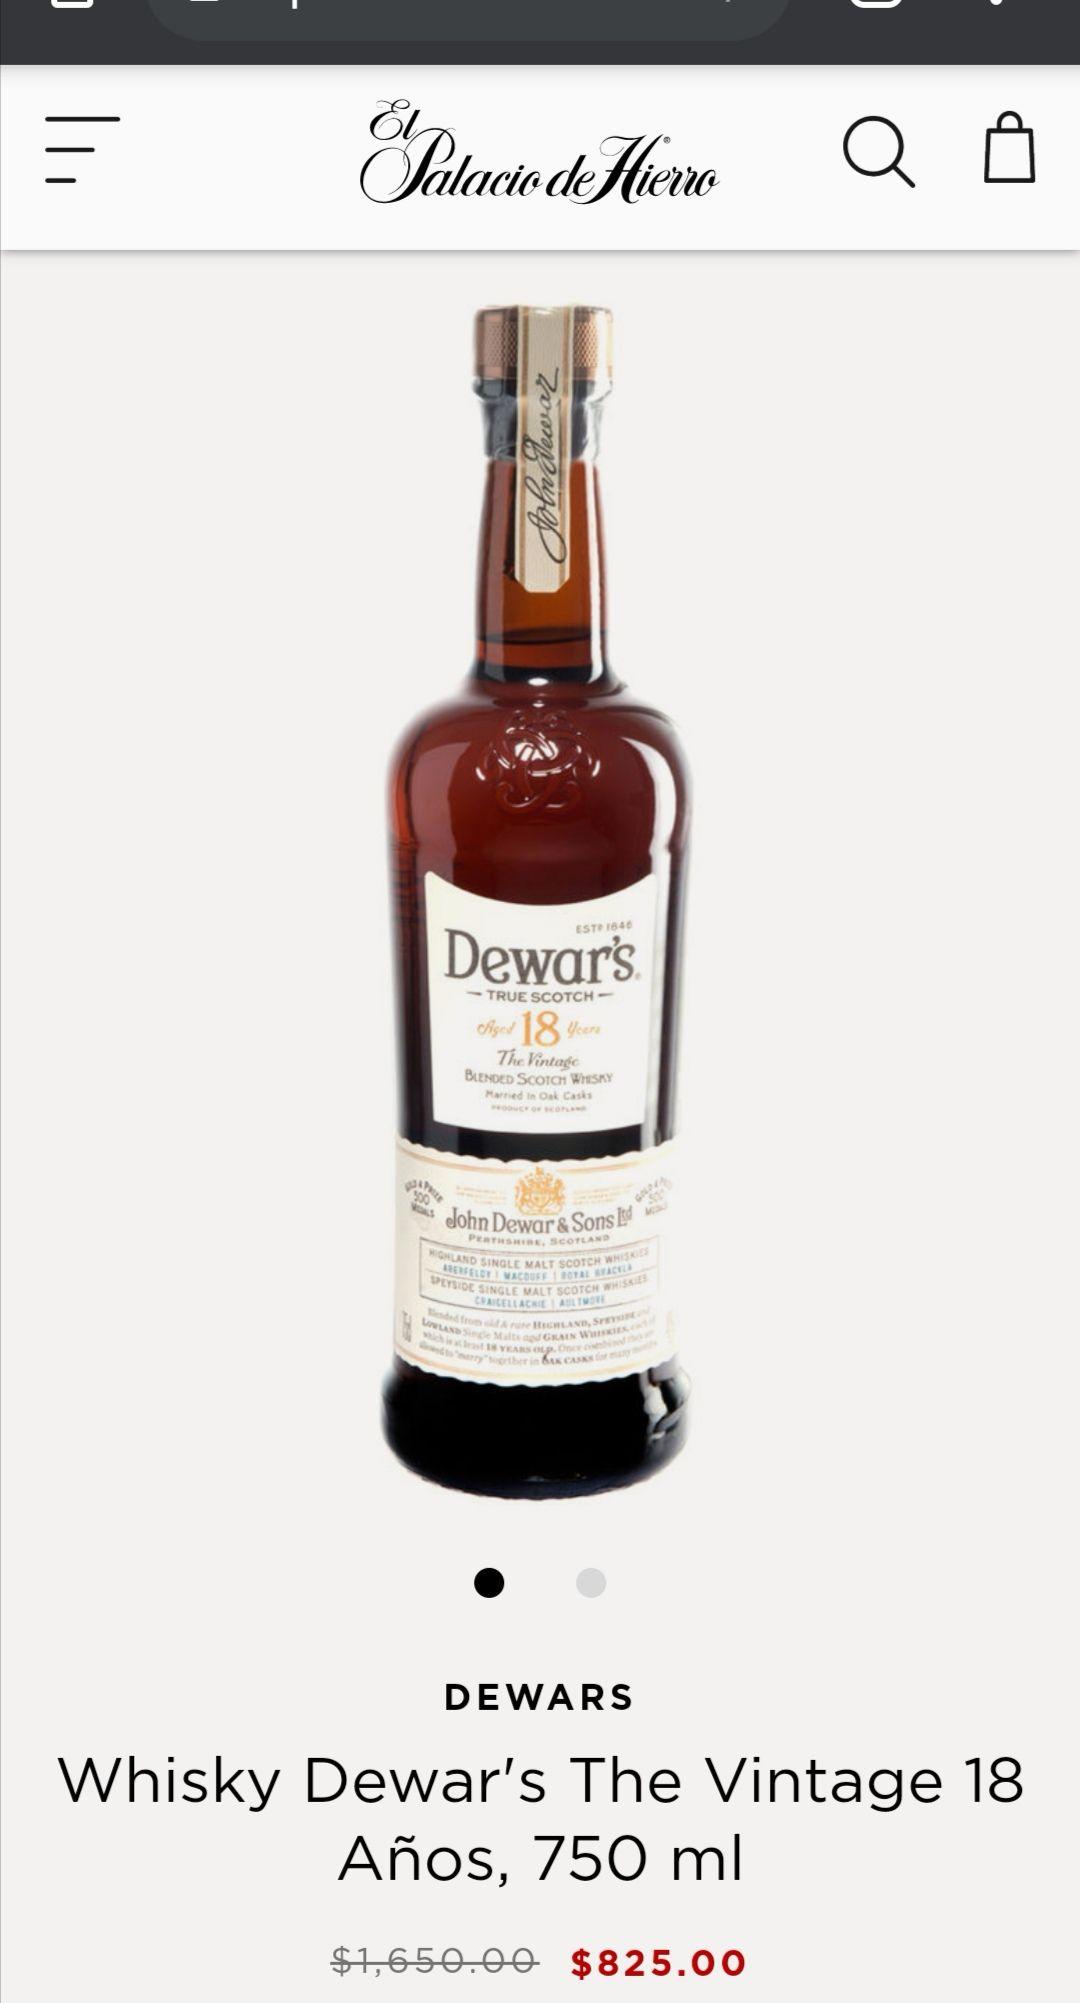 El Palacio de Hierro: Whisky 18 años marca Dewars 750 ml